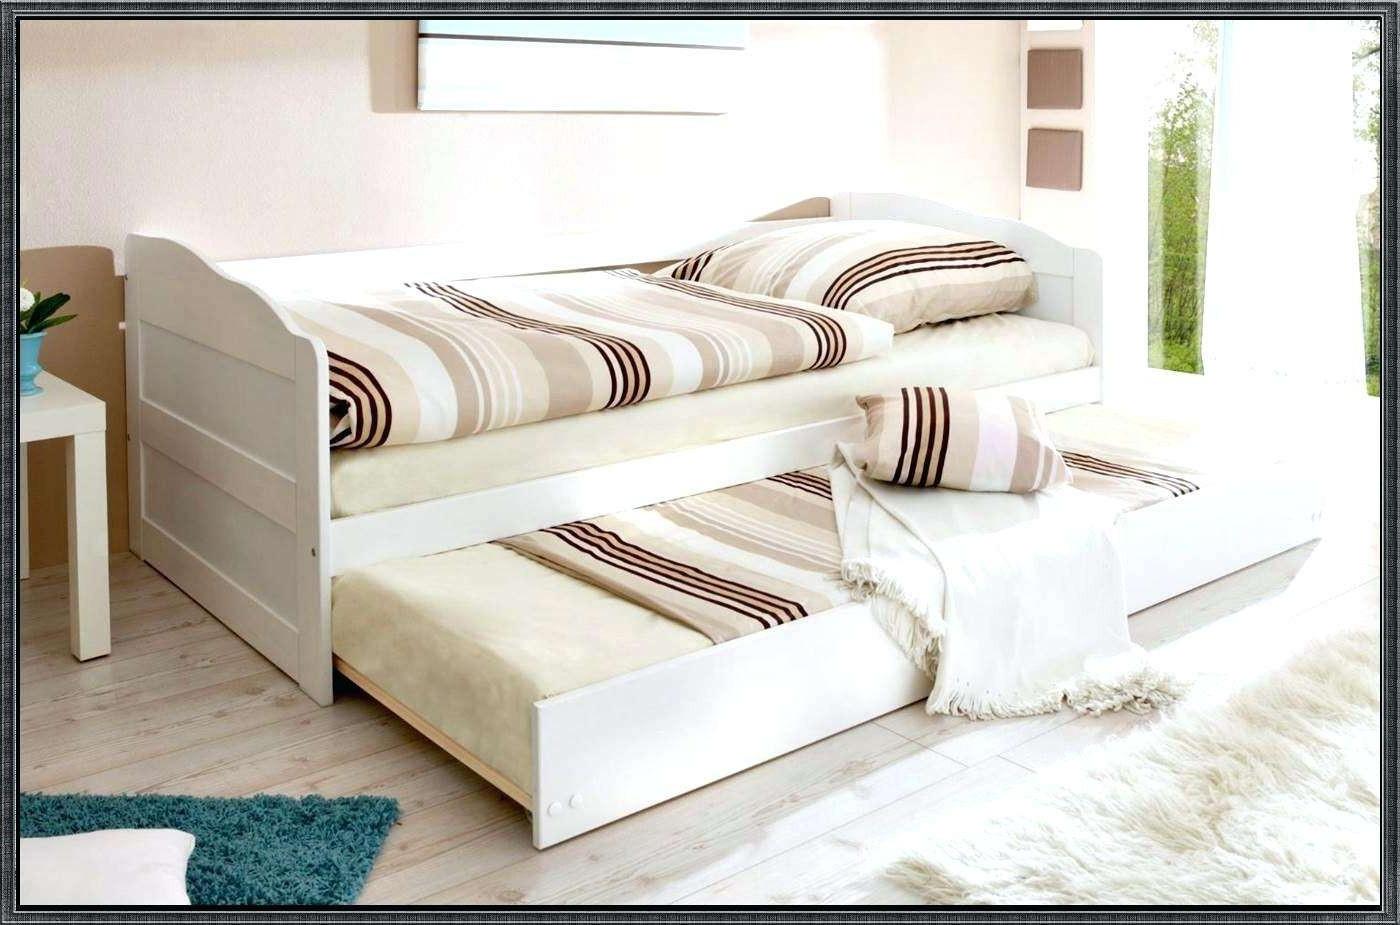 Full Size of Klappbares Doppelbett Bauen Bett Ausklappbar 180x200 Zum Ausklappen Mit Stauraum Klappbar Ausklappbares Wohnzimmer Klappbares Doppelbett